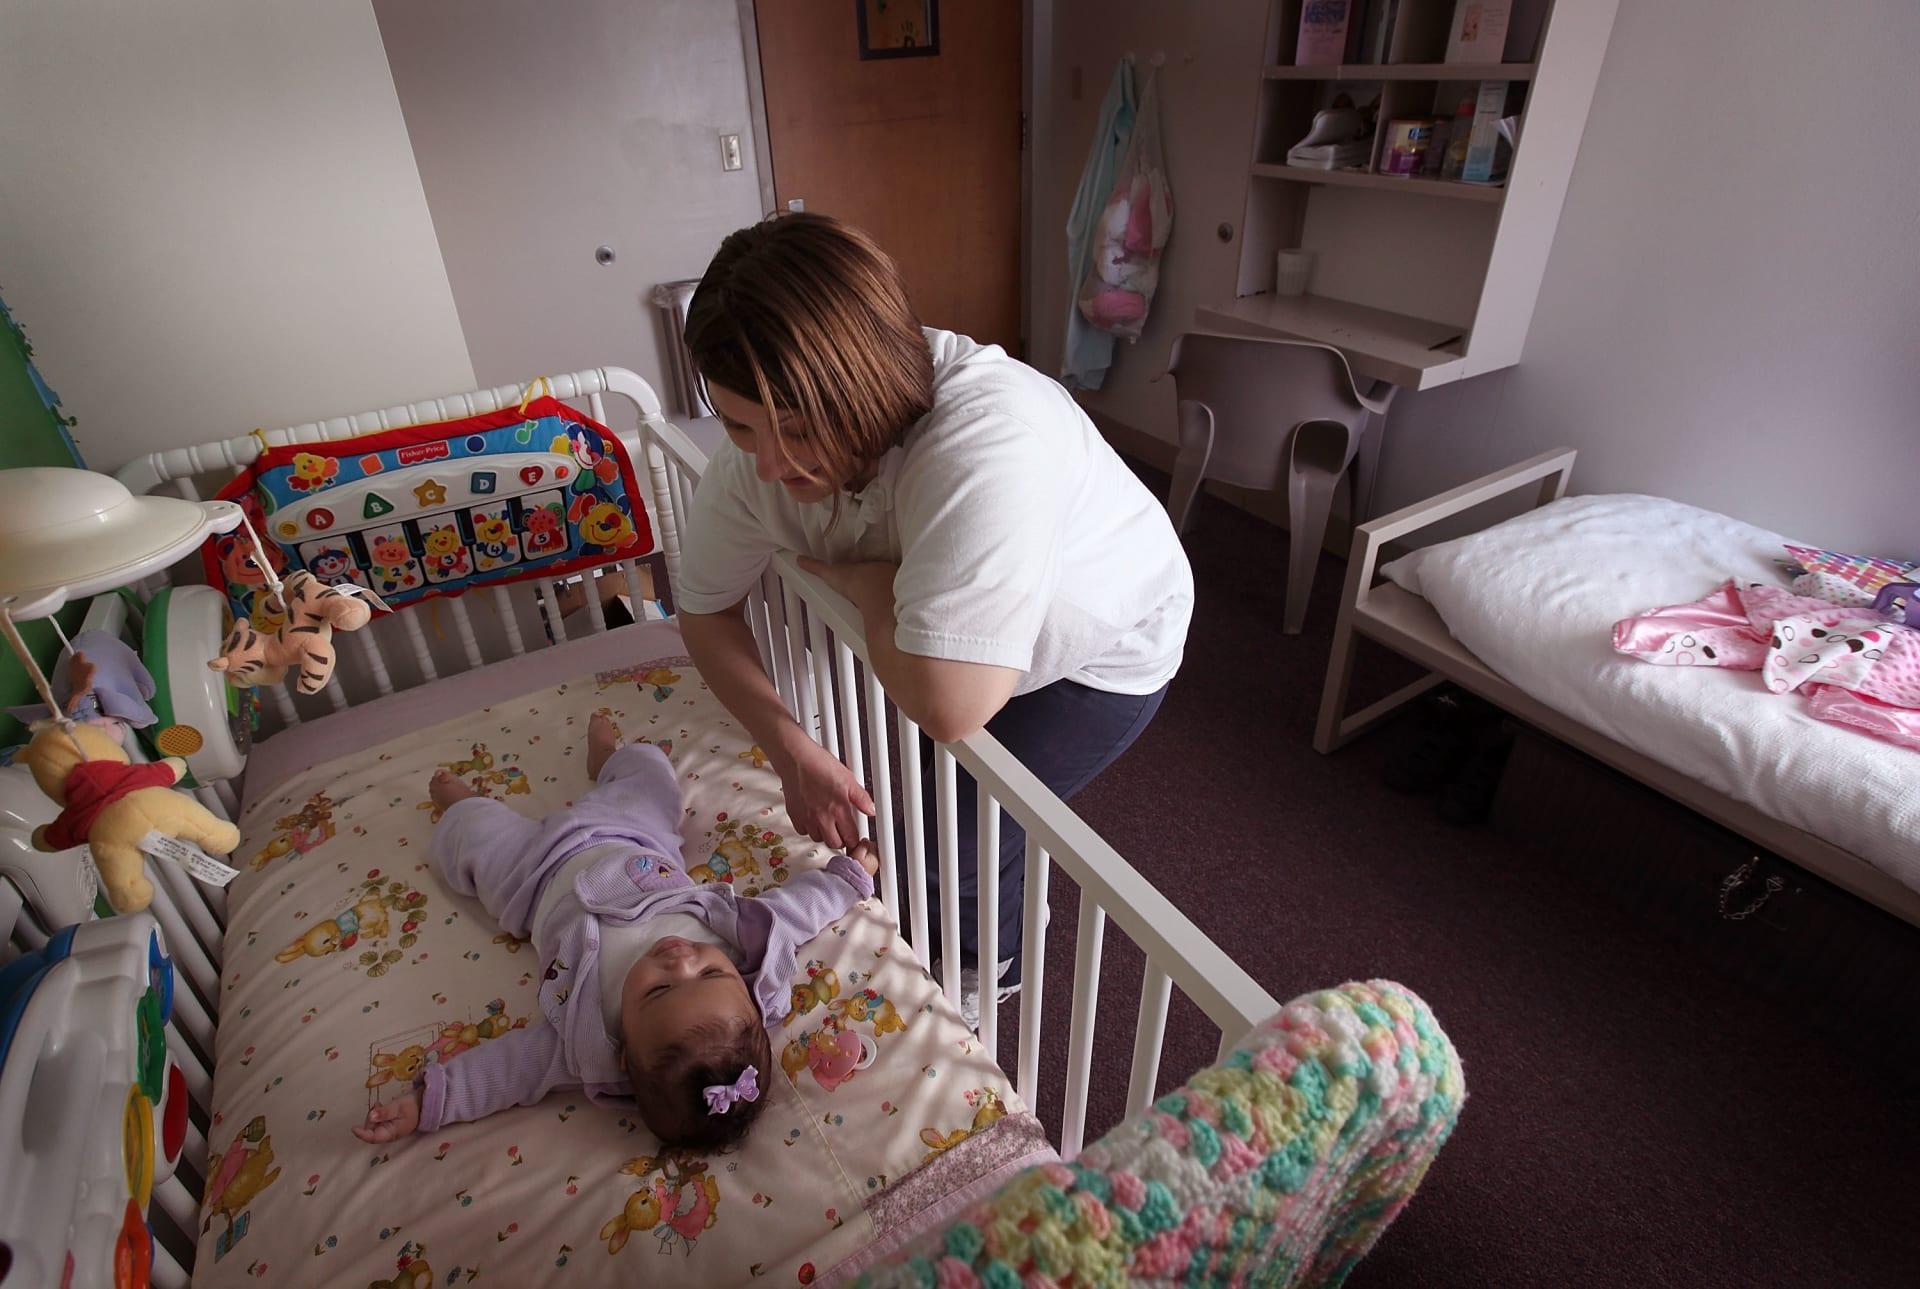 دراسة جديدة: النوم في وقت متأخر يرتبط بالسمنة لدى الأطفال دون 6 سنوات